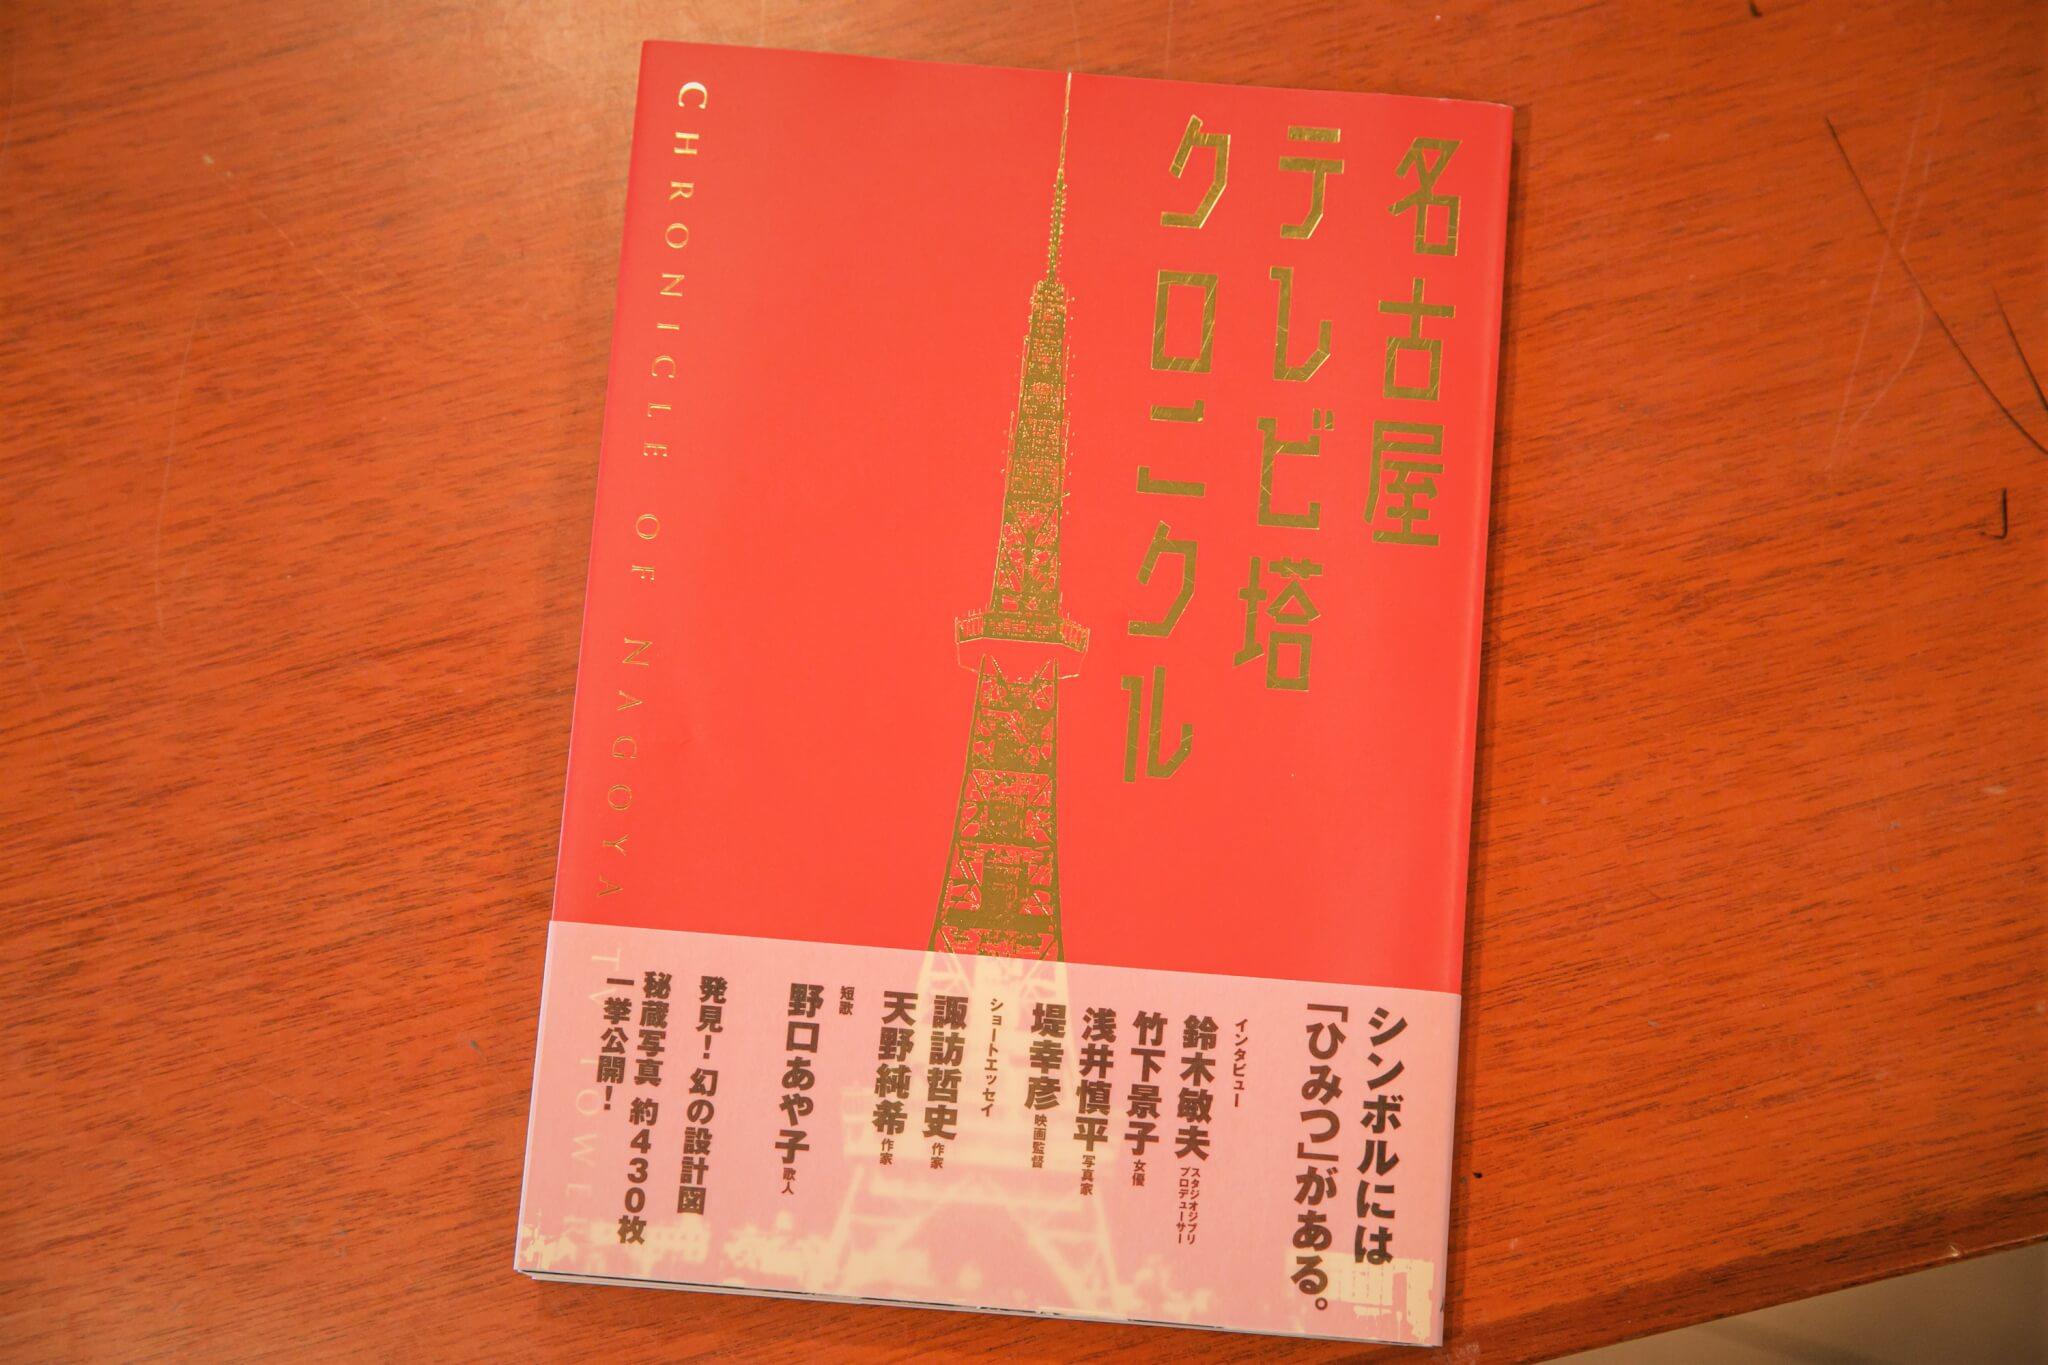 名古屋テレビ塔クロニクル